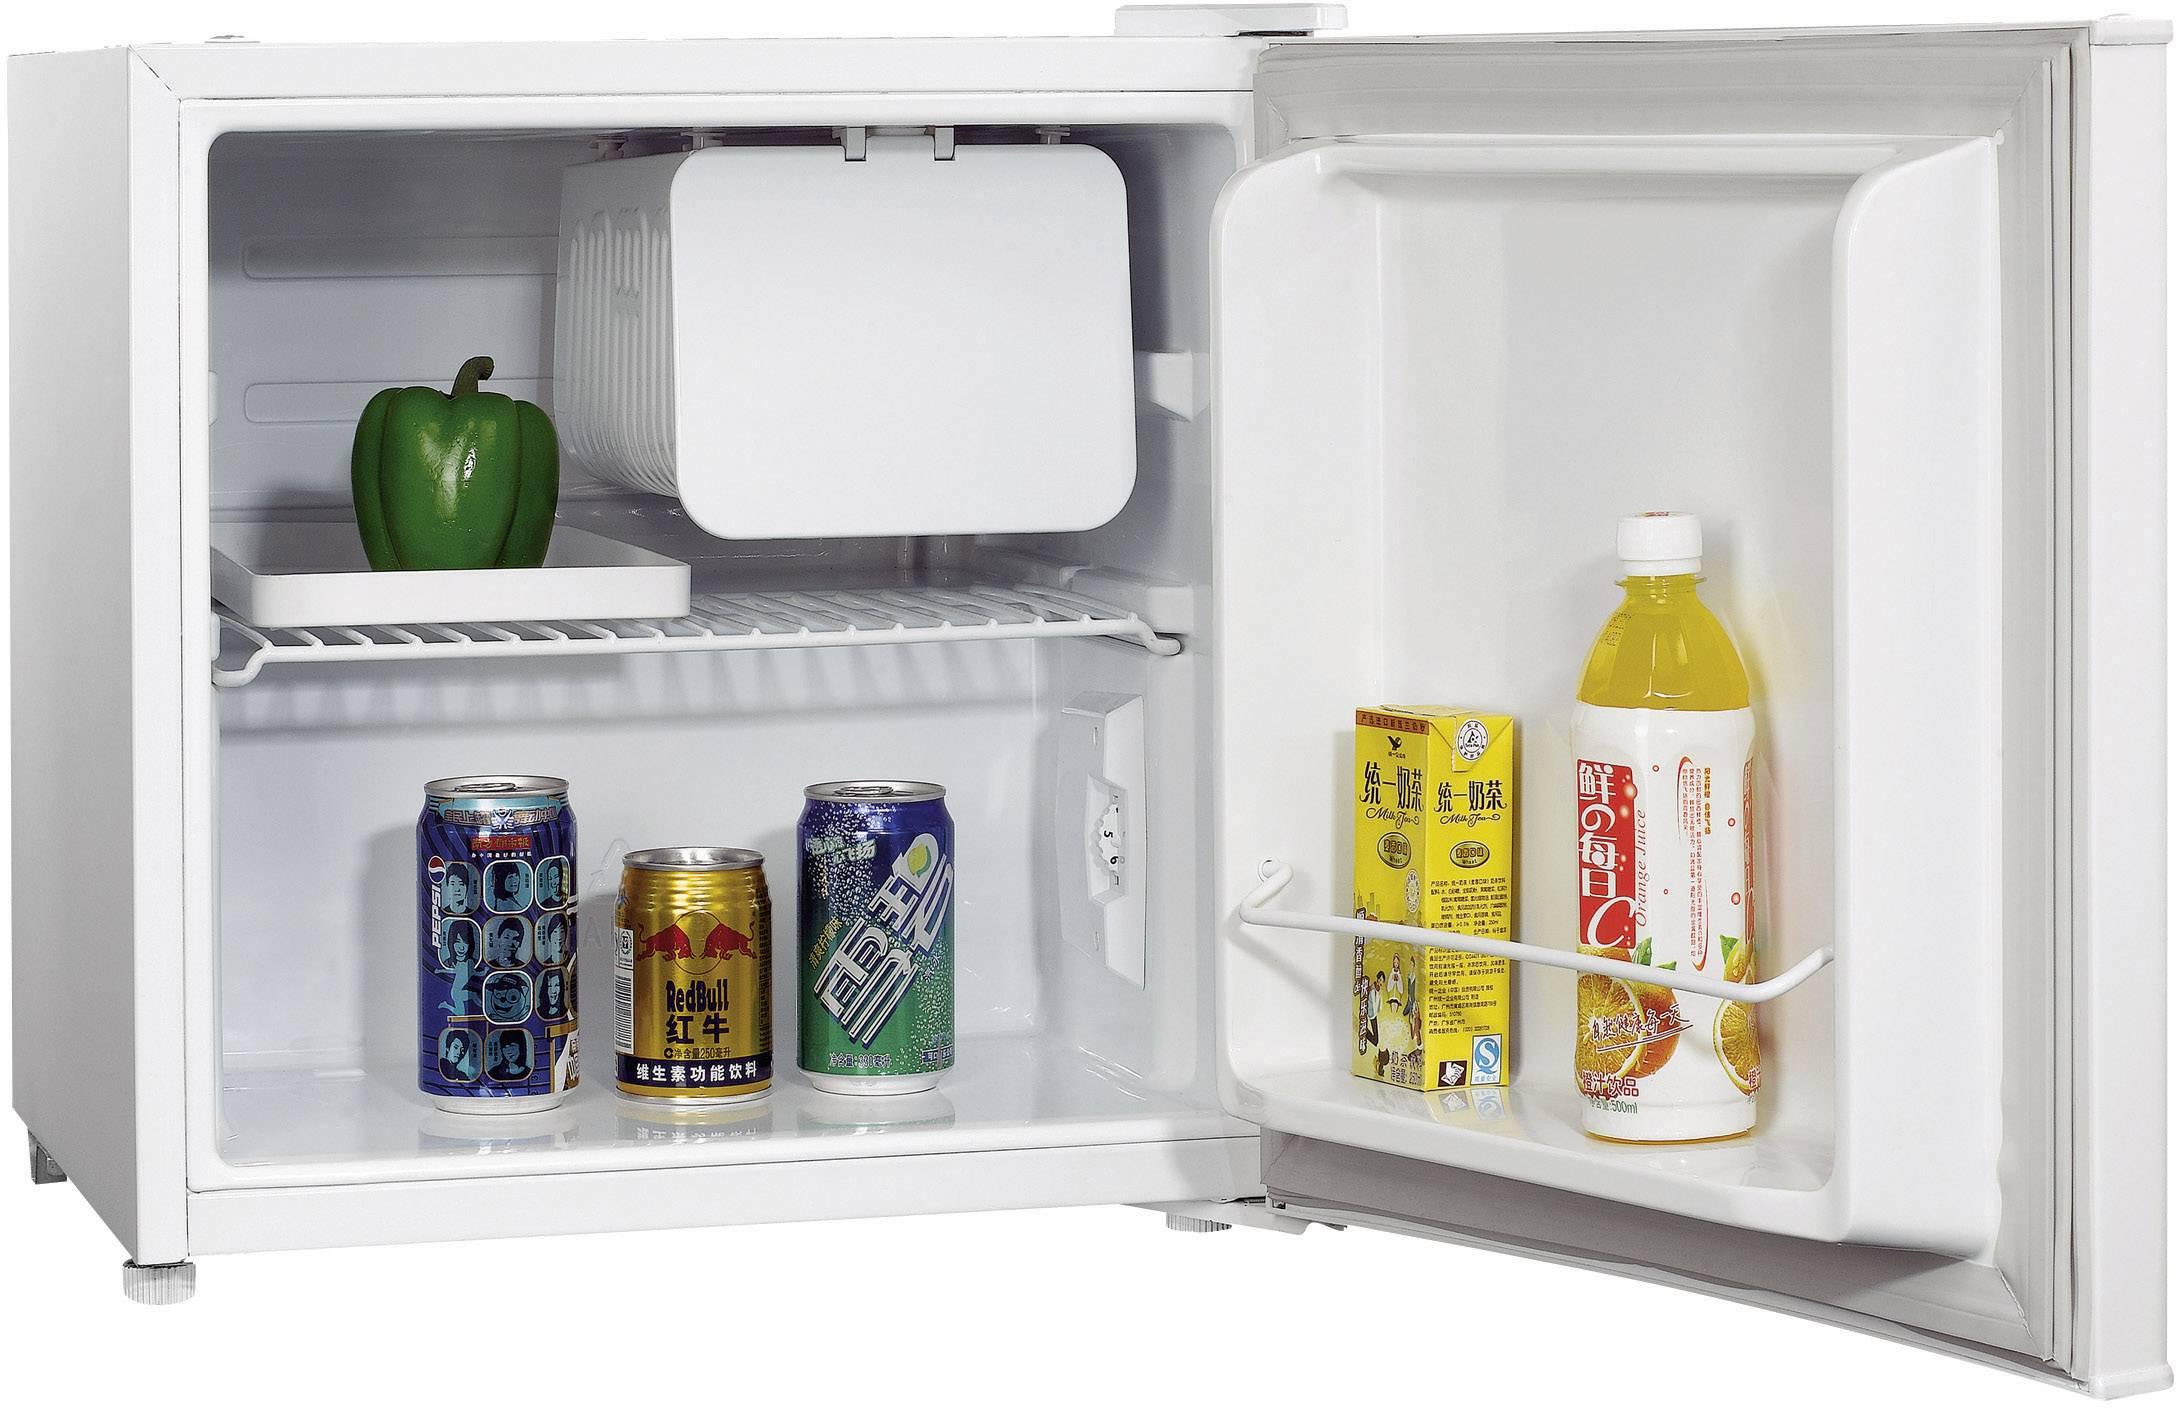 Mini Kühlschrank Mit Werbung : Silva kb mini kühlschrank